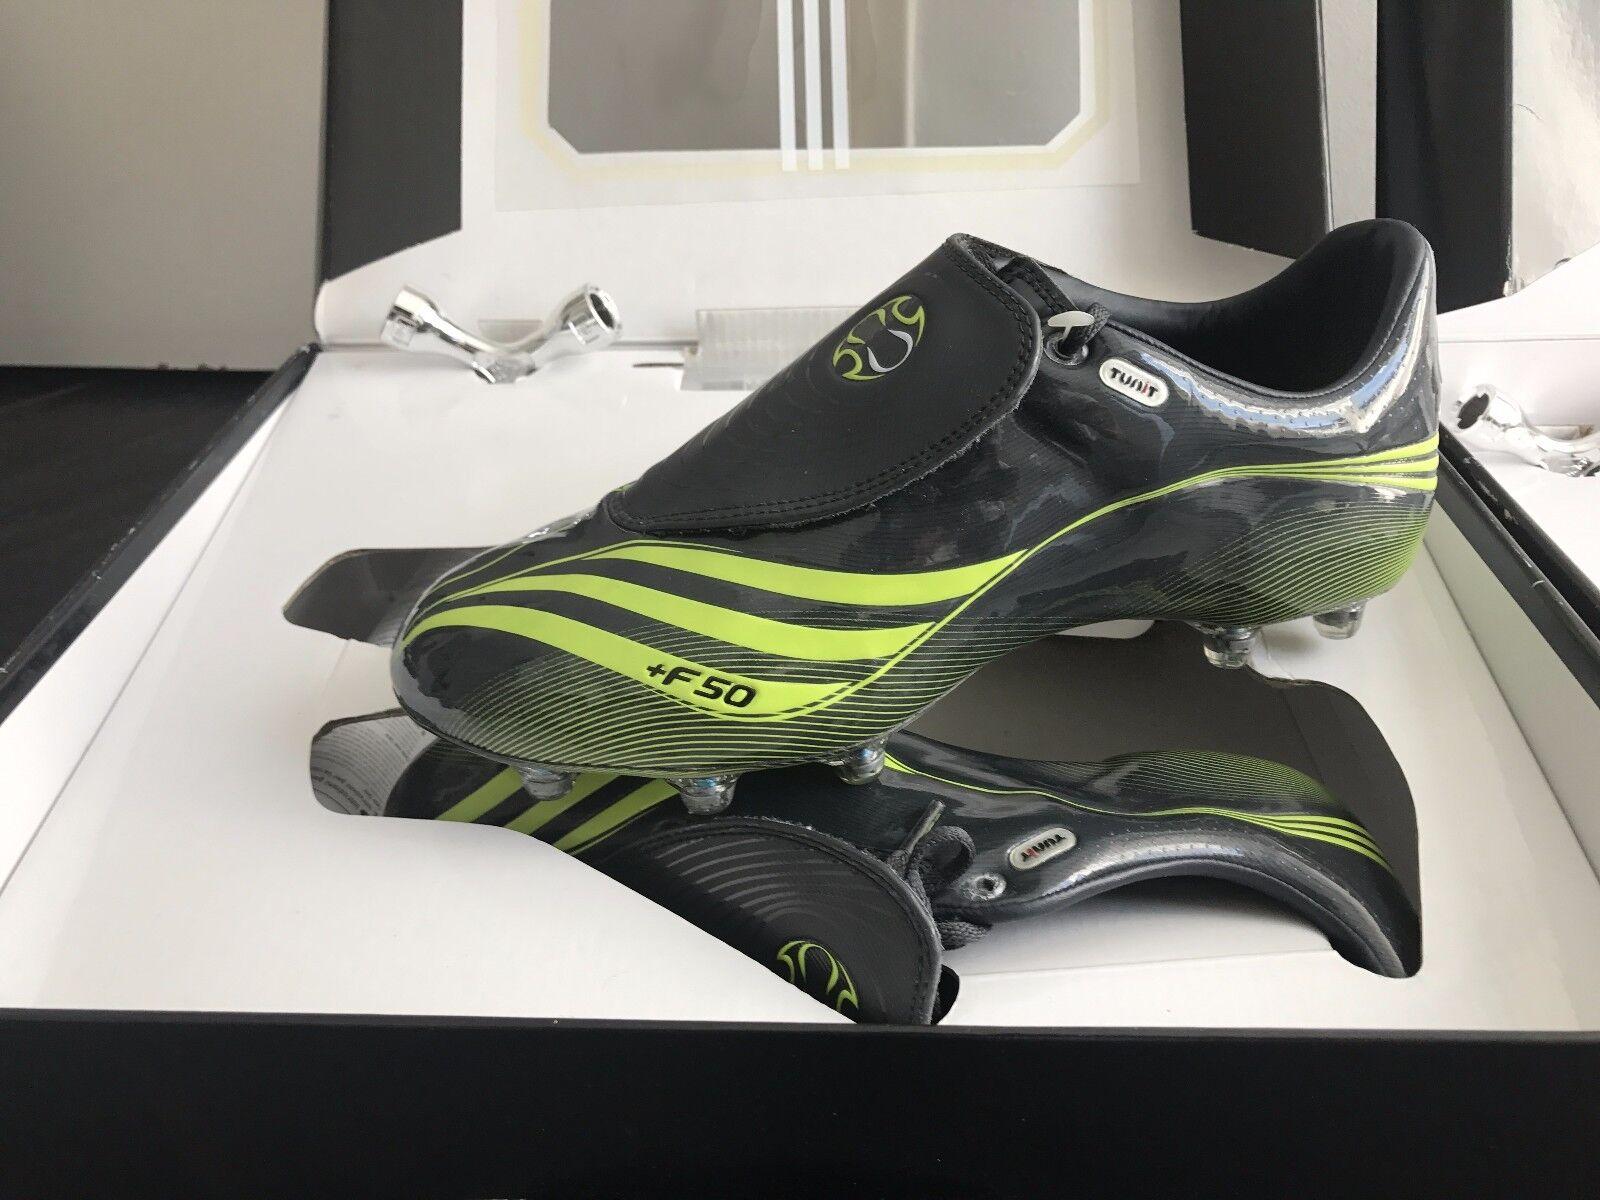 BNIB Adidas F50.8 Tunit Soccer Cleats Dimensione US 8.5,